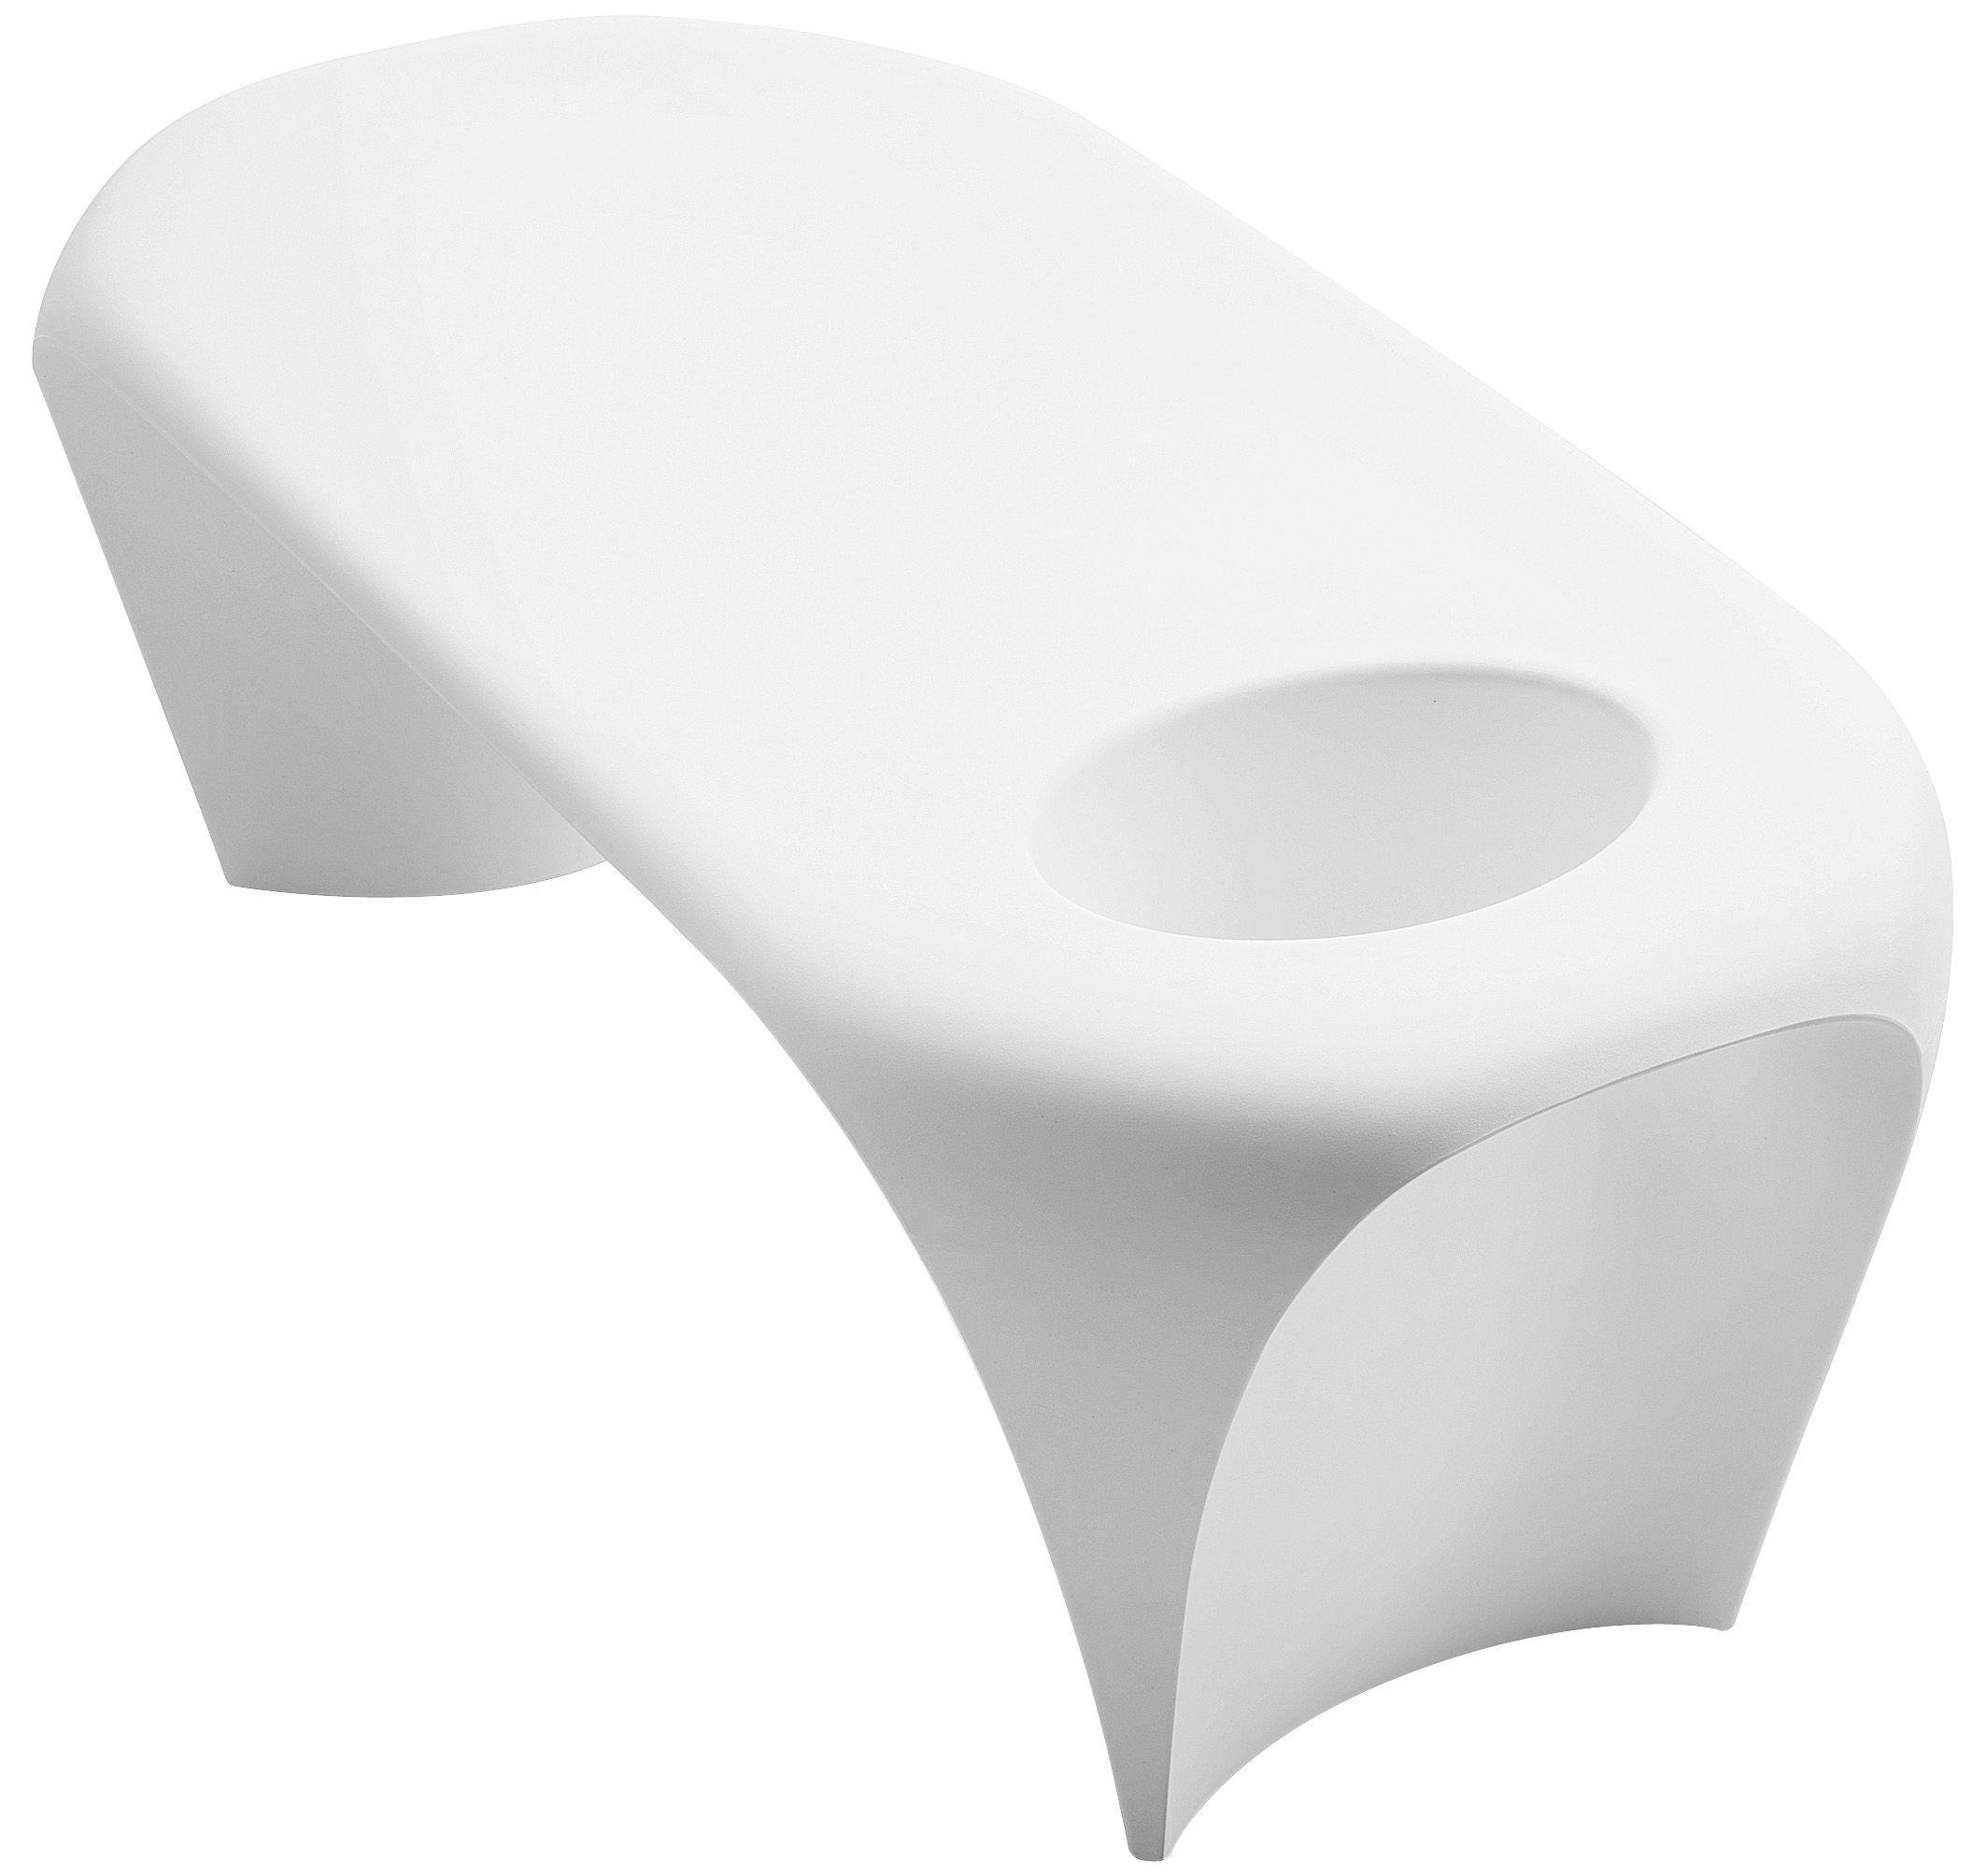 Arredamento - Tavolini  - Tavolino luminoso Lily - / LED RGB con portaghiaccio di MyYour - Bianco - Poleasy